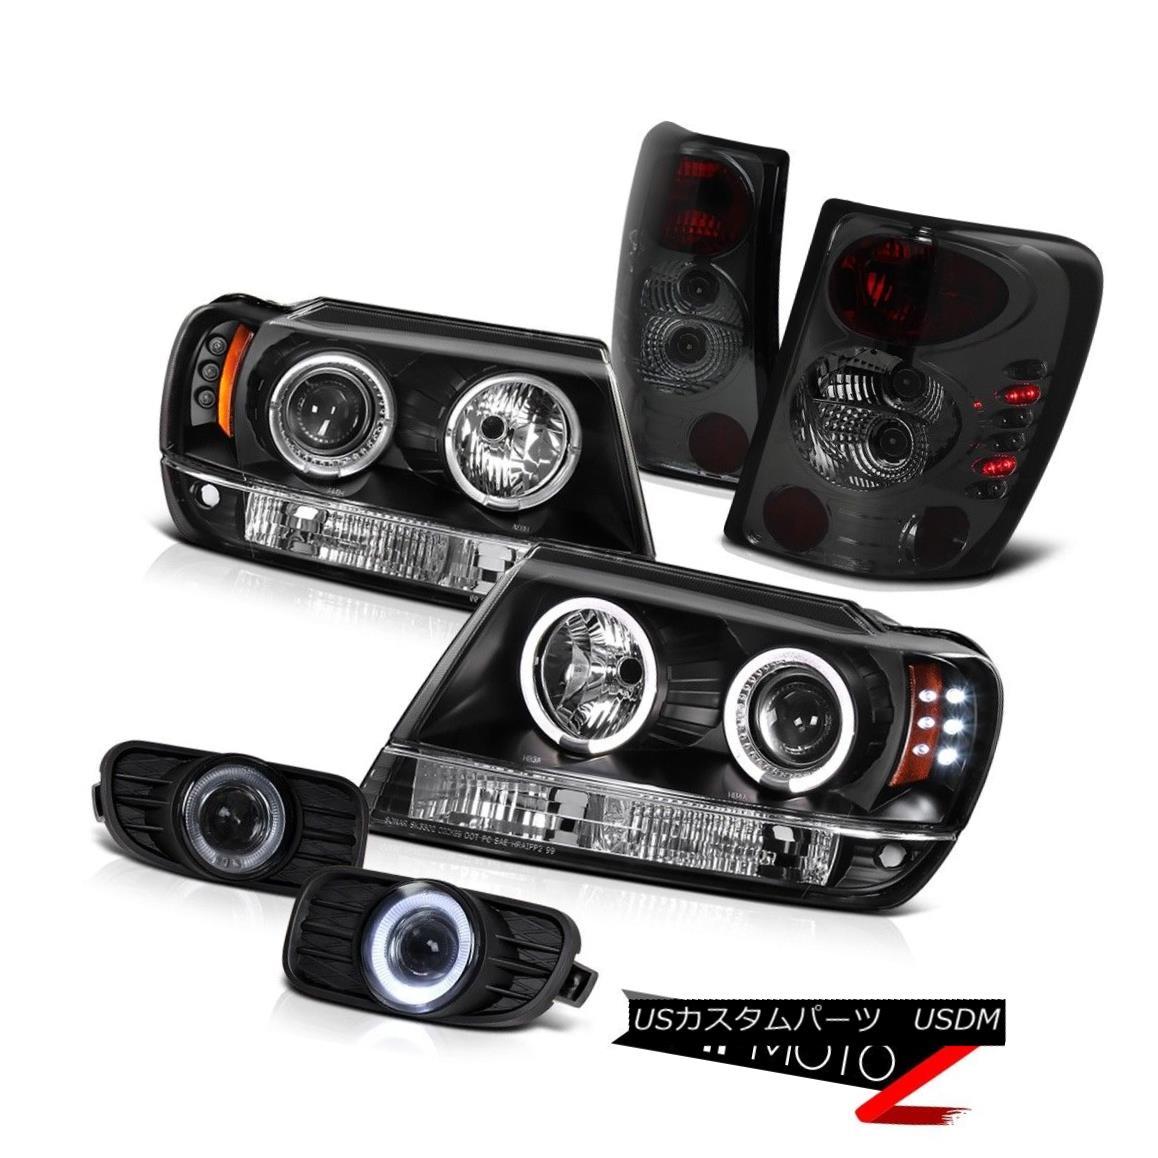 ヘッドライト BLACK HALO PROJECTOR HEADLIGHT+TAIL LIGHT+SMOKE FOG LAMP JEEP WJ WG 99-03 LAREDO ブラックハロープロジェクターヘッドライト+テールライト+ソークライトFOGランプジープWJ WG 99-03 LAREDO